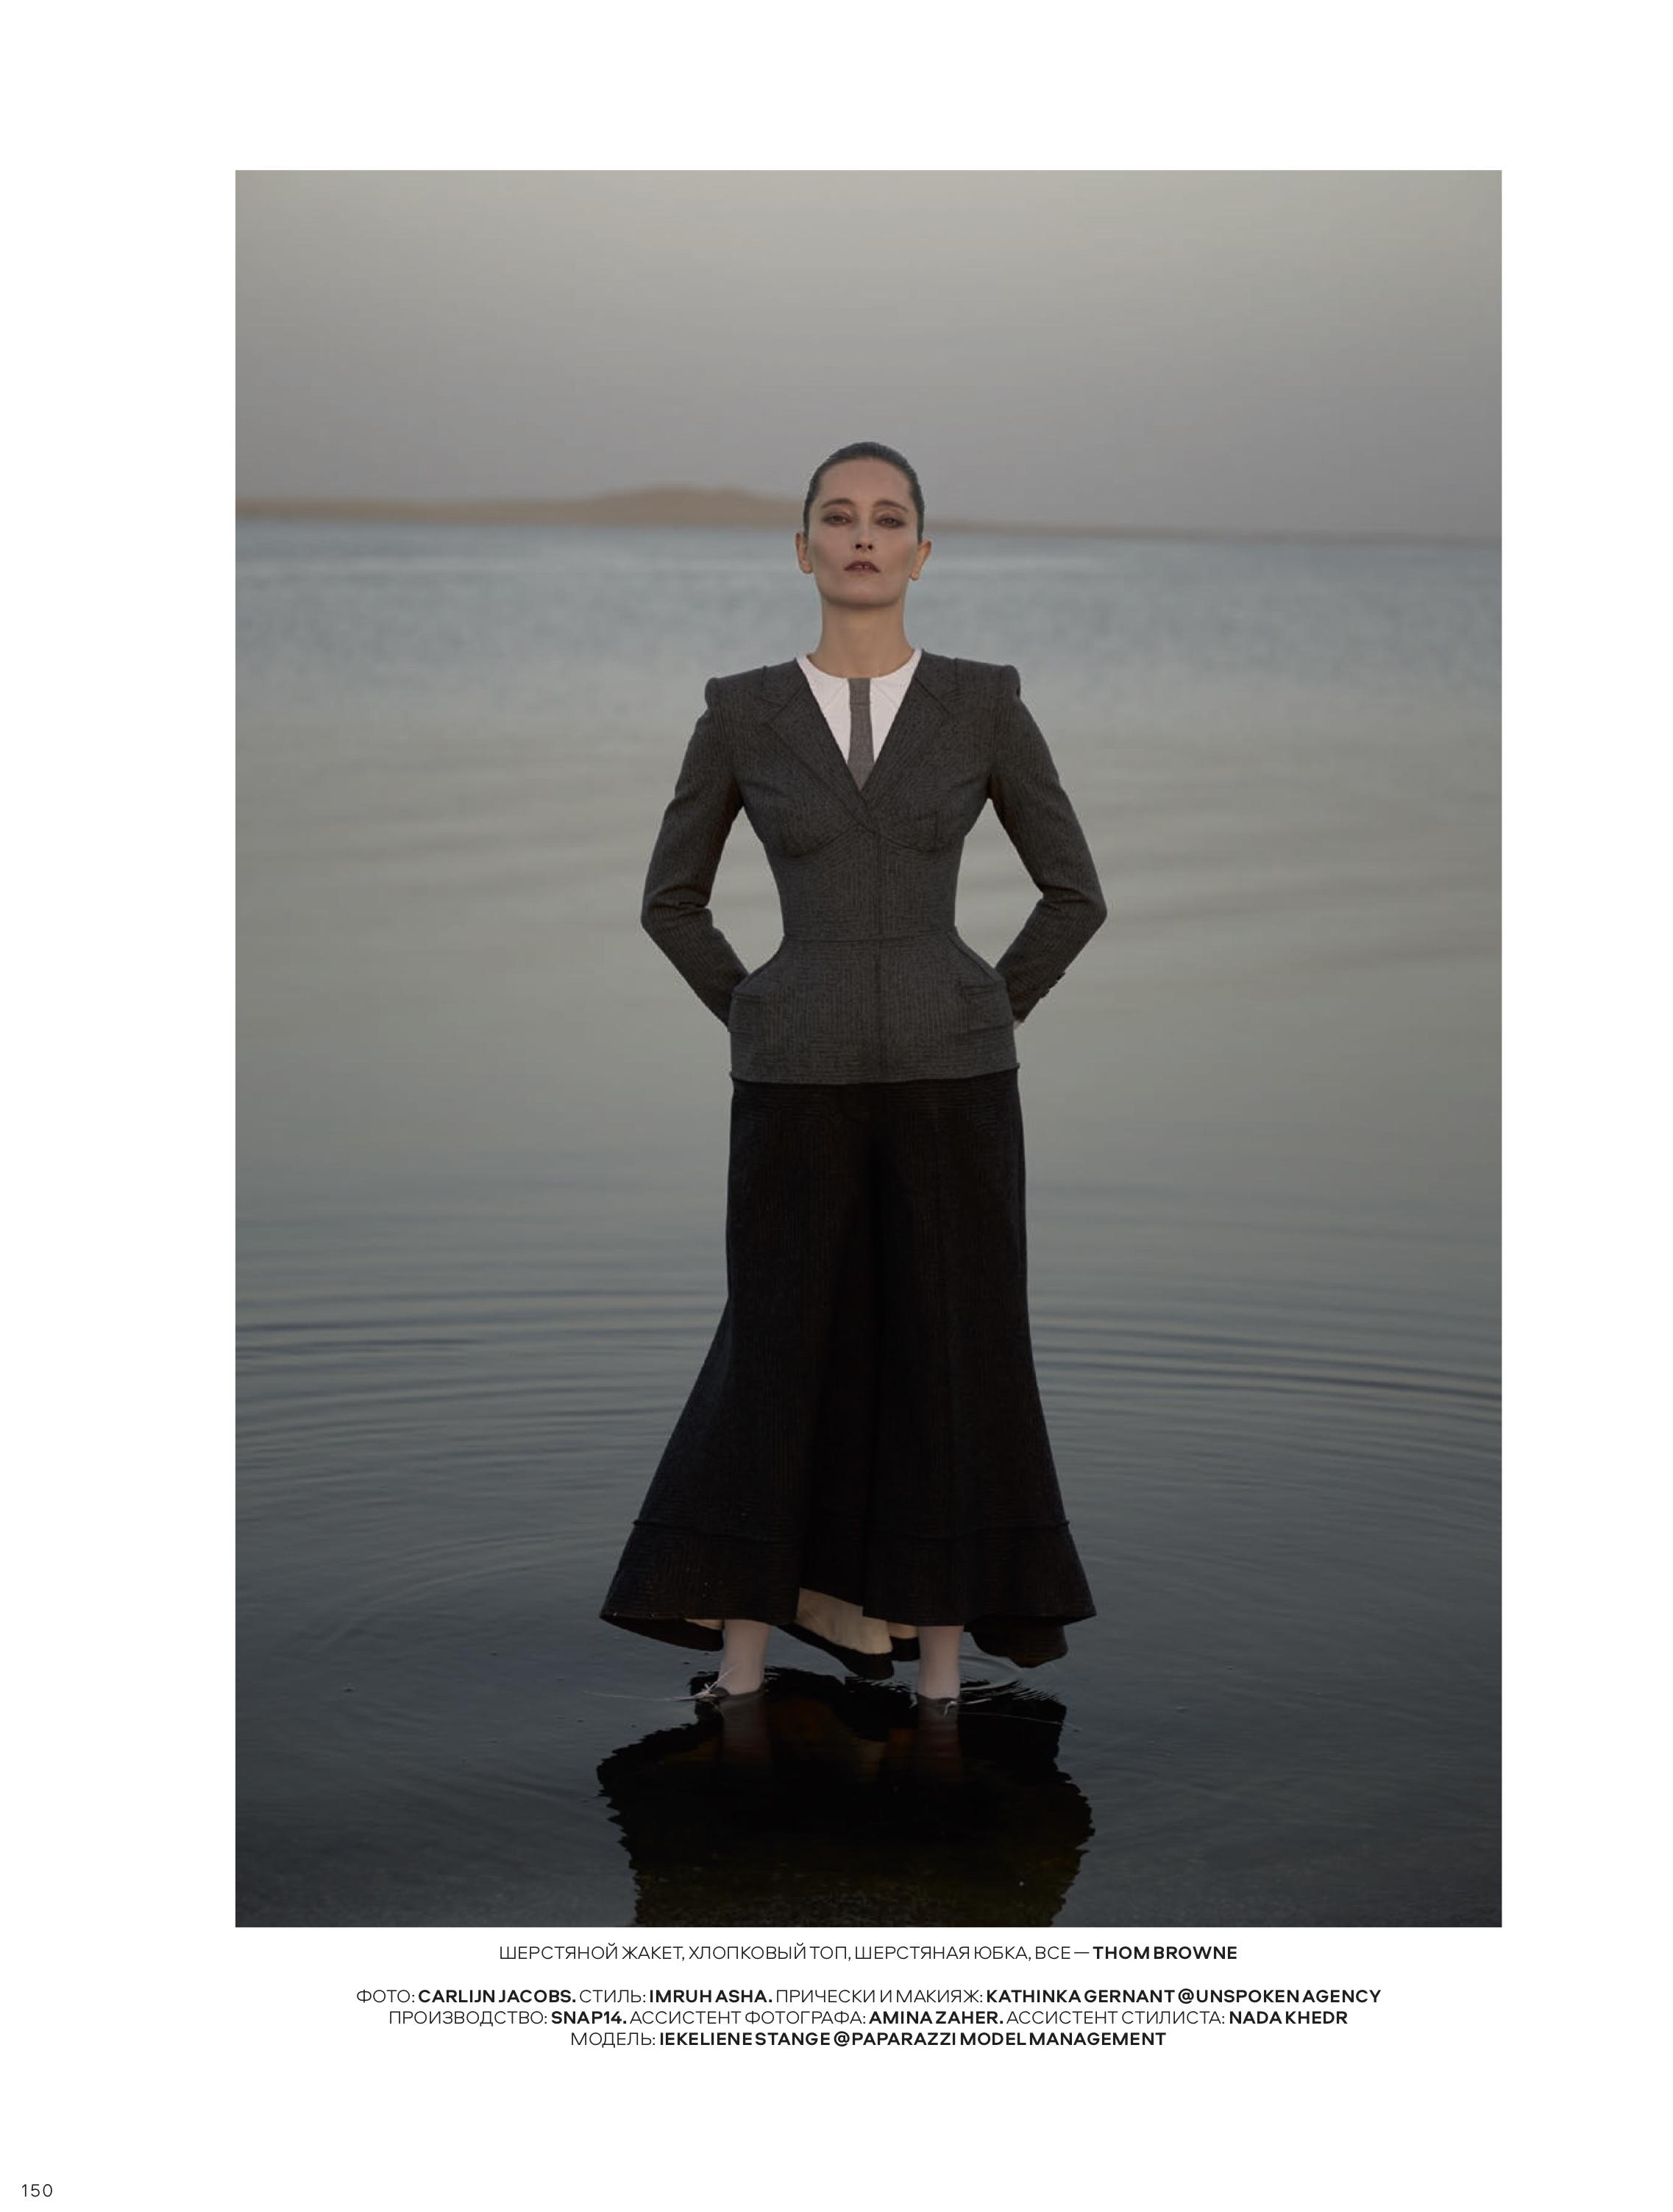 Thom Browne x Vogue Ukraine